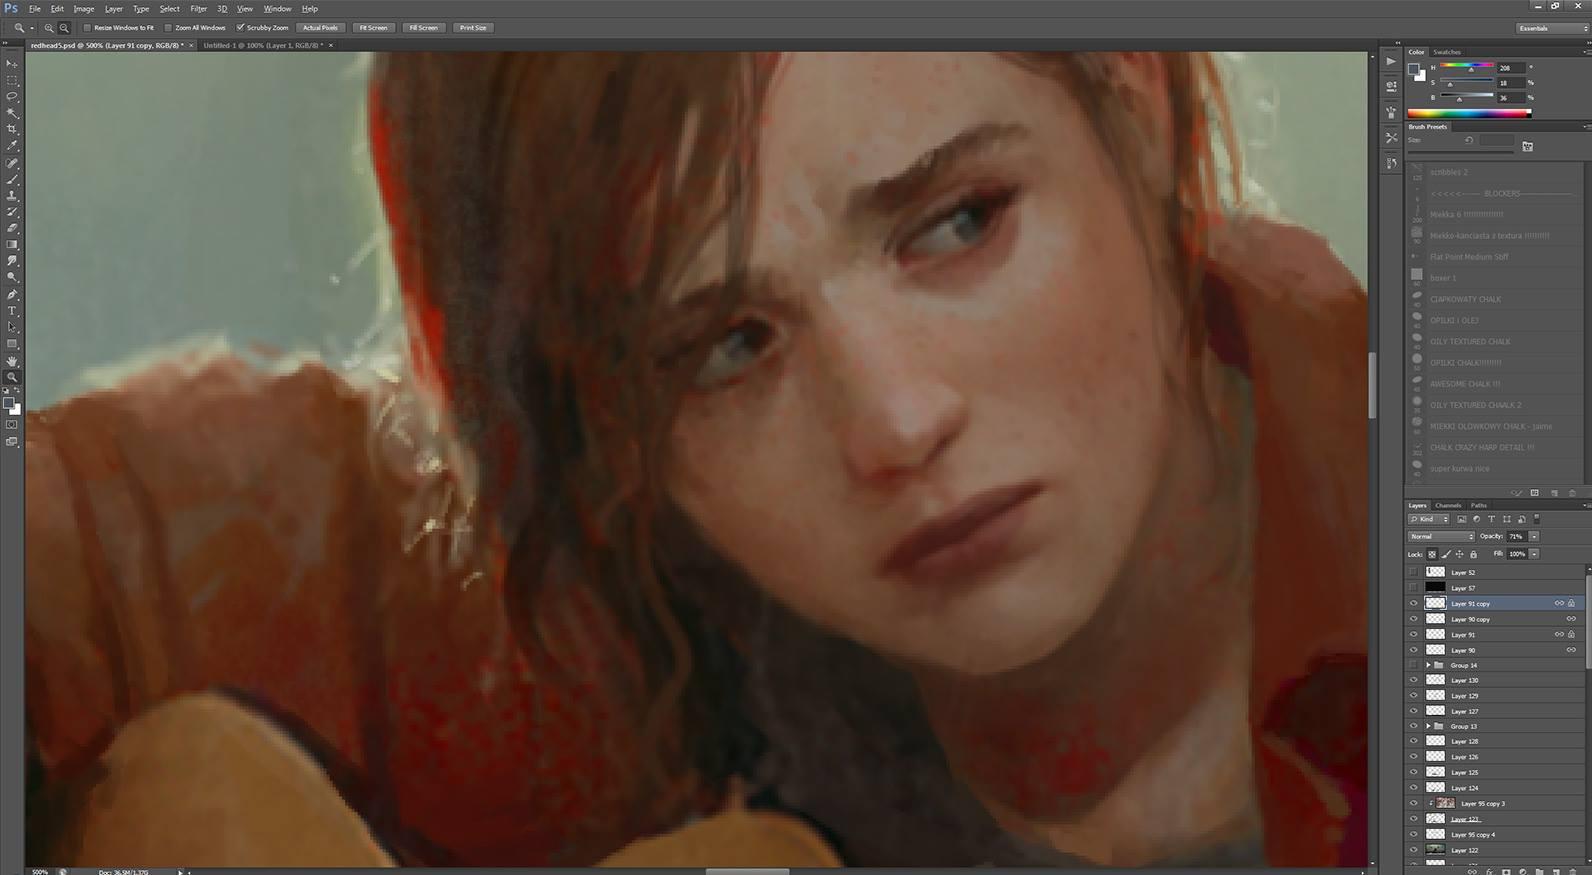 Fanouškovský artwork Ellie způsobil poprask. Pokračování The Last of Us to ale není 96231